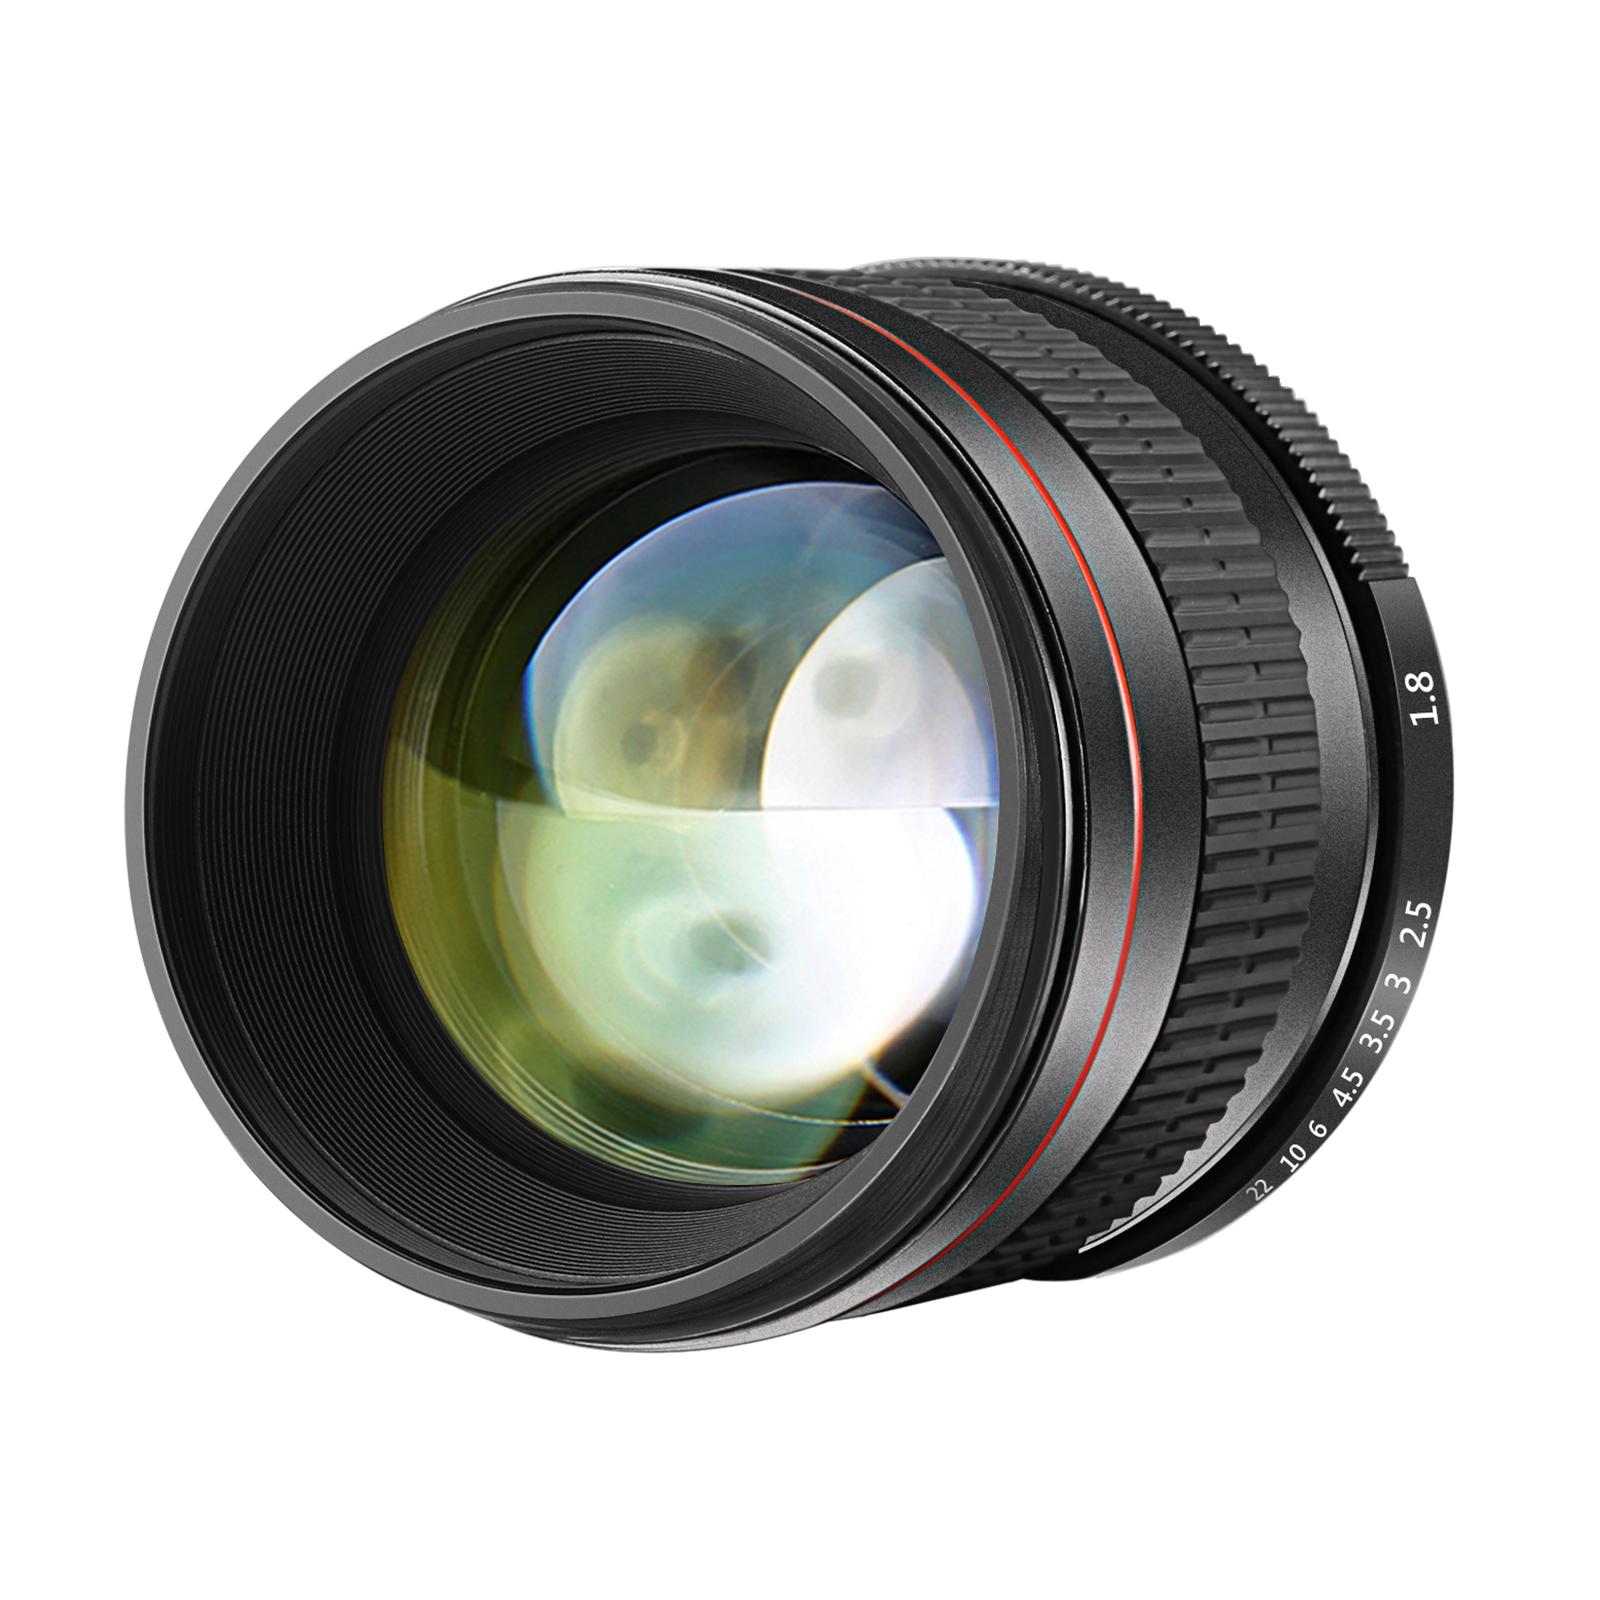 Details about Neewer 85mm f/1 8 Portrait Manual Focus Telephoto Lens for  Canon EOS 80D 70D 60D